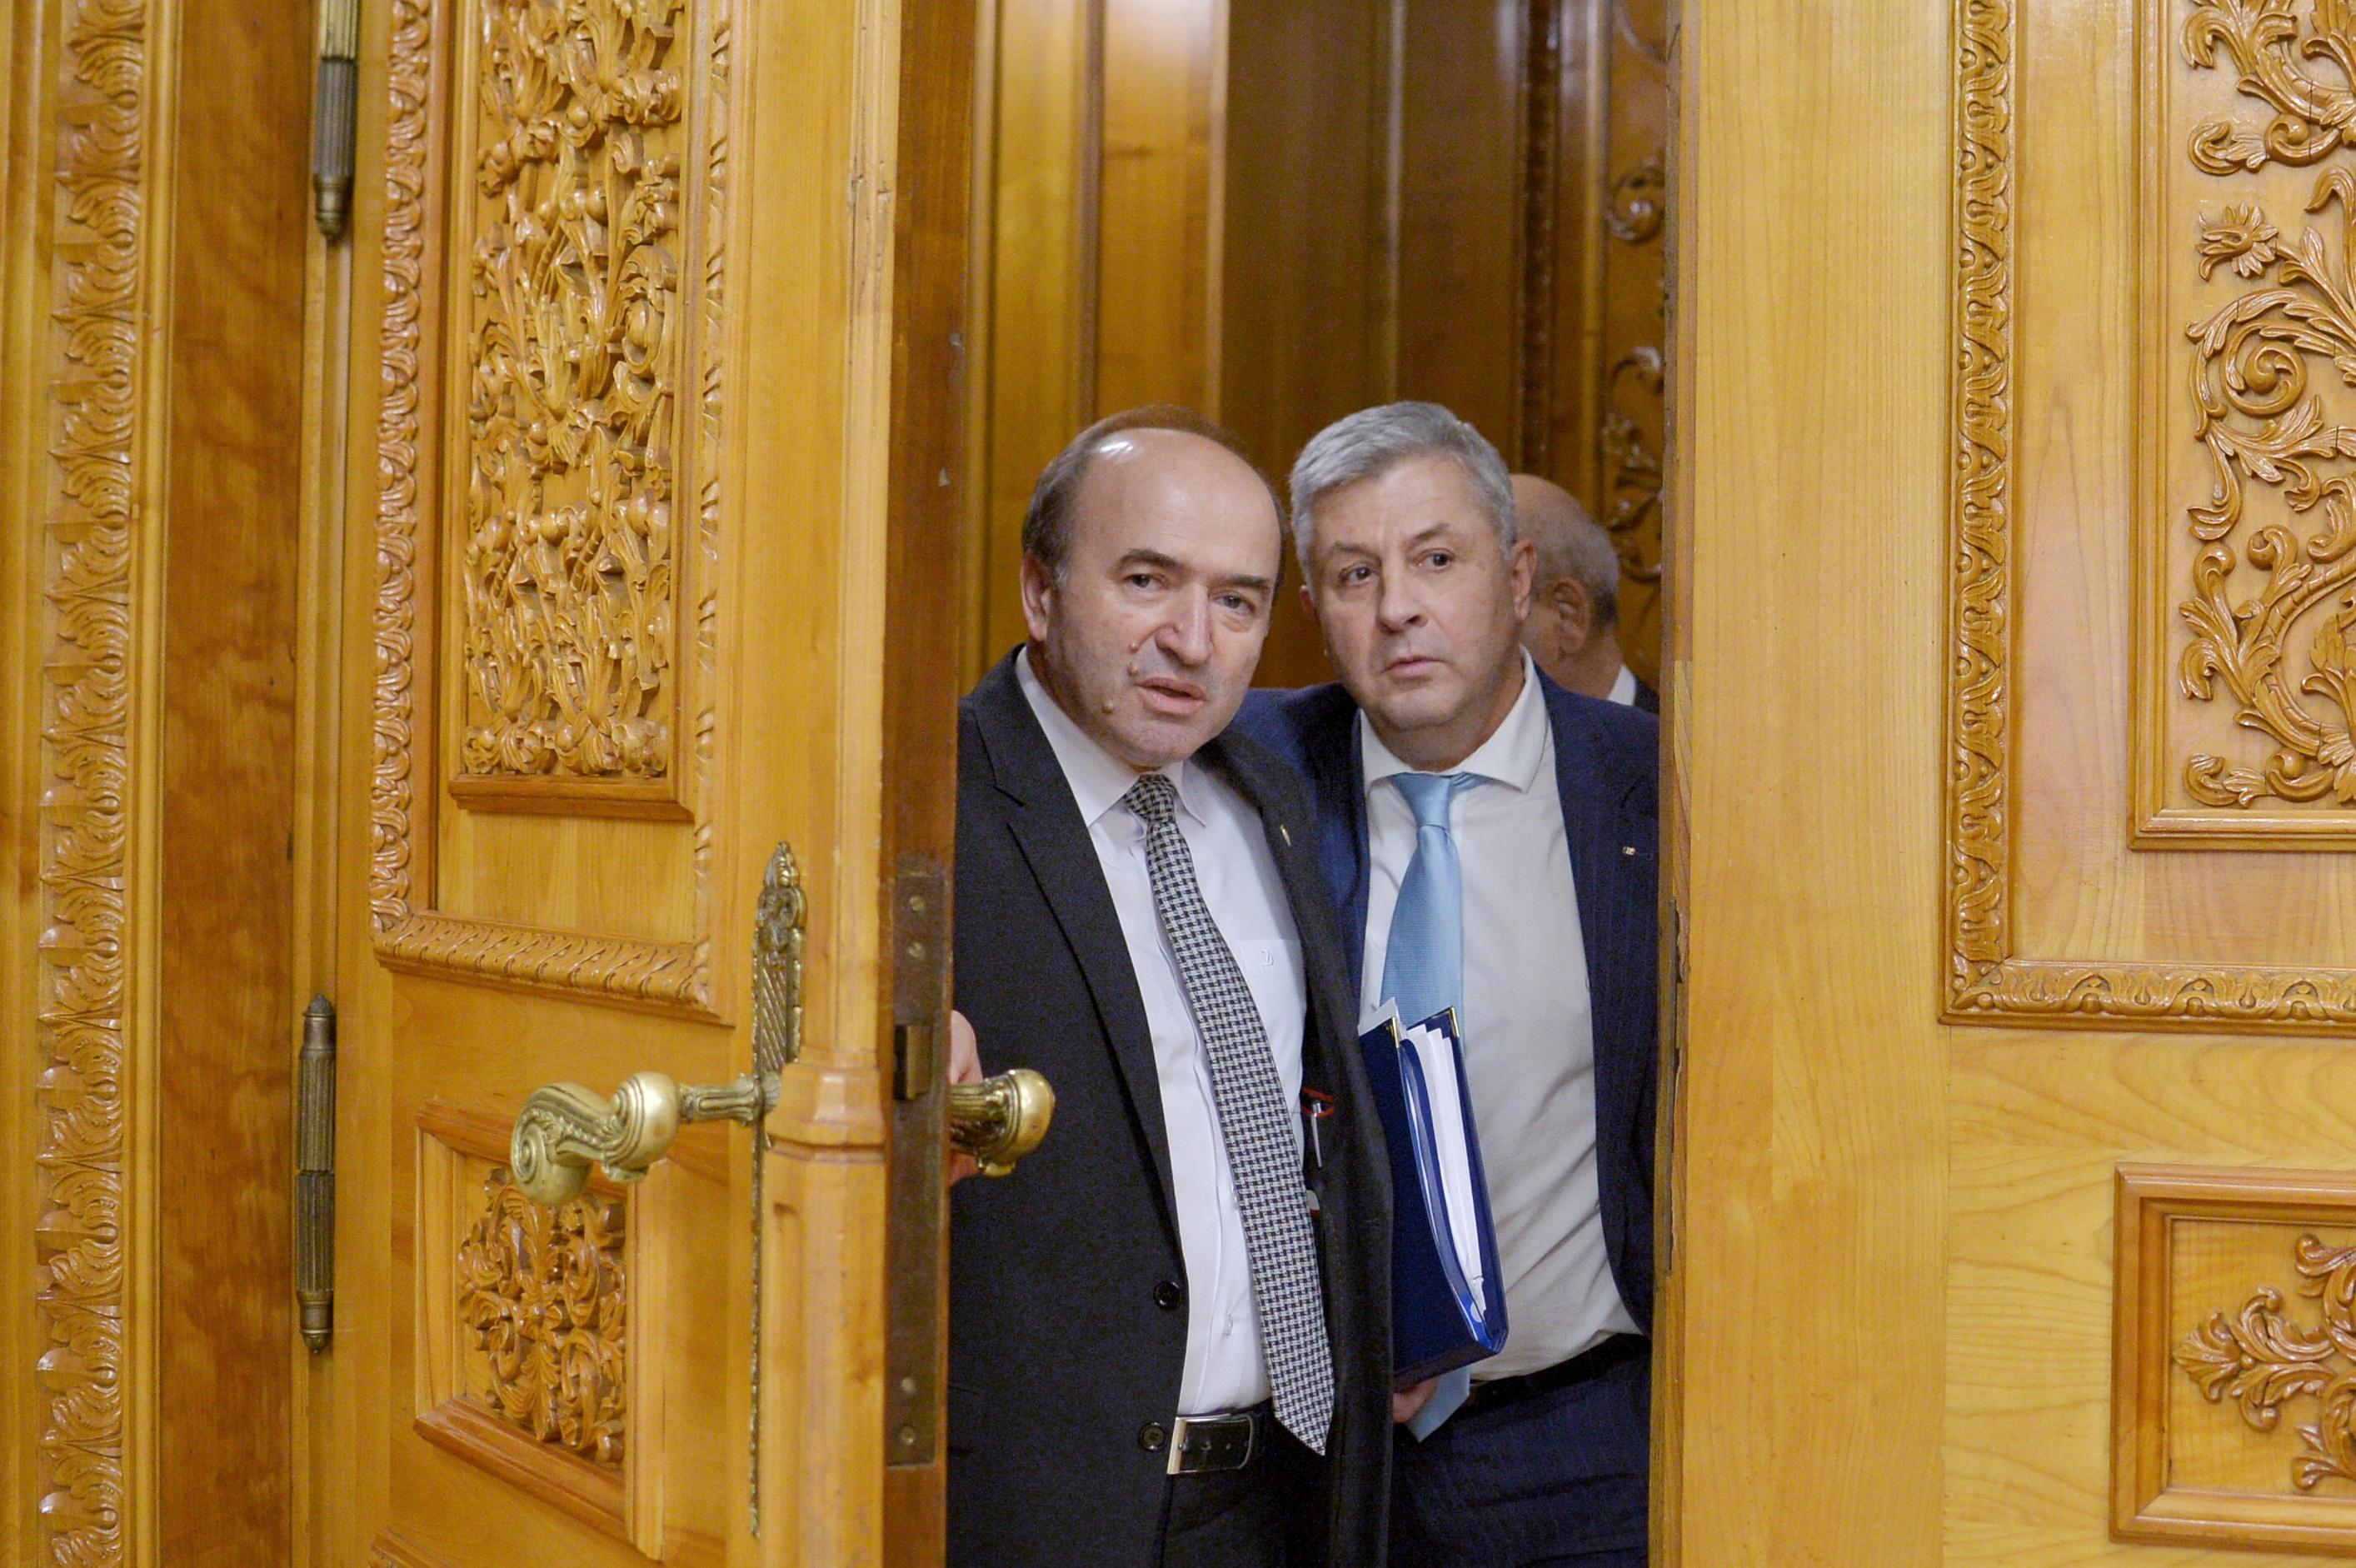 Mesajul lui Florin Iordache, preşedinte al Comisiei pentru legile justiţiei şi ex-ministru, pentru Tudorel Toader: Ministrul Justiţiei nu are cum să `arunce` către Parlament decizia în privinţa DNA